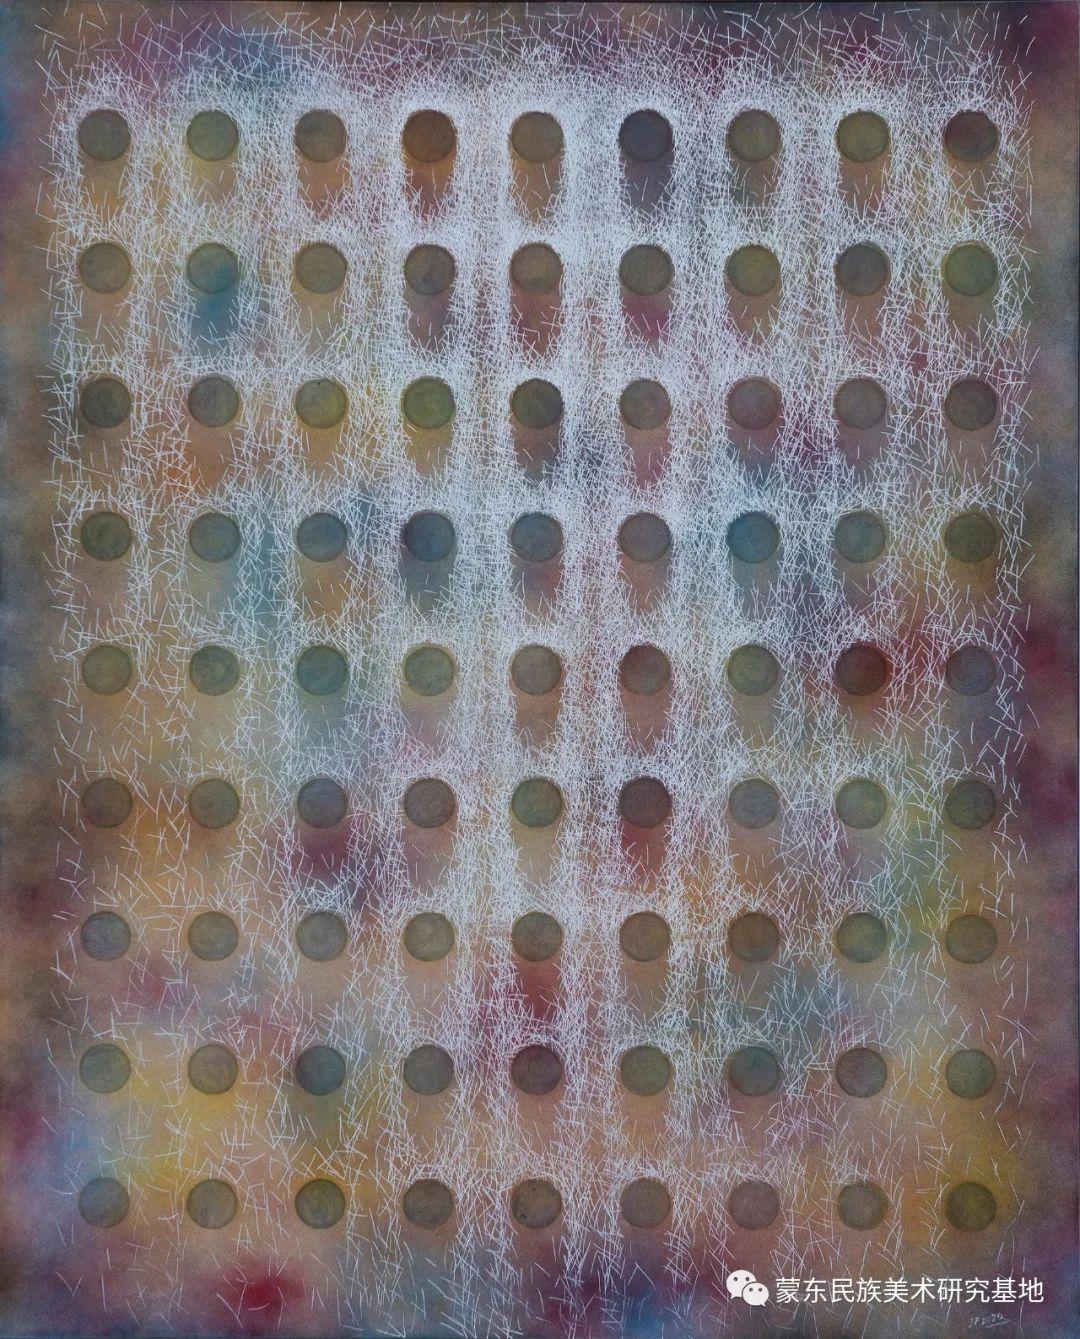 科尔沁首届油画展作品集 第36张 科尔沁首届油画展作品集 蒙古画廊